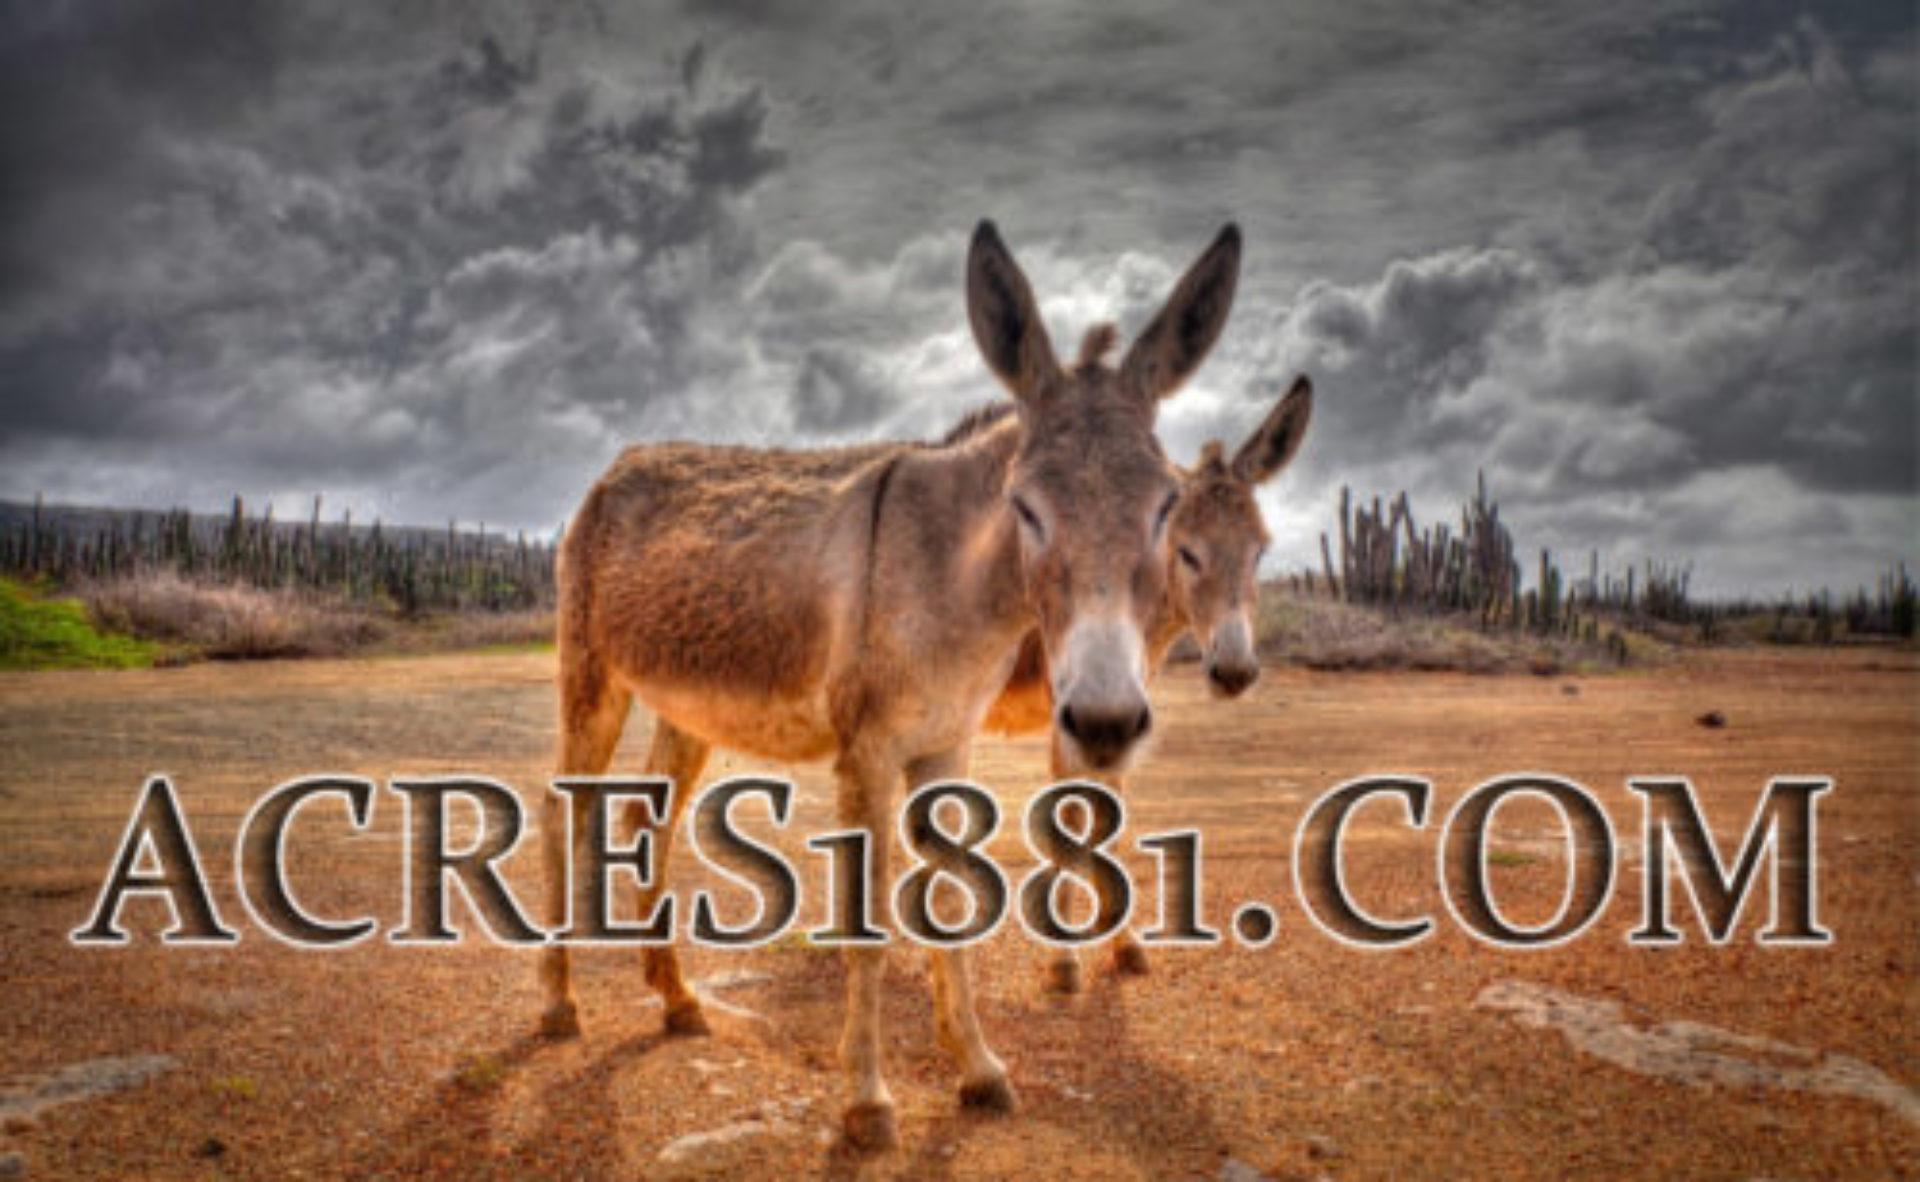 Acres1881.com